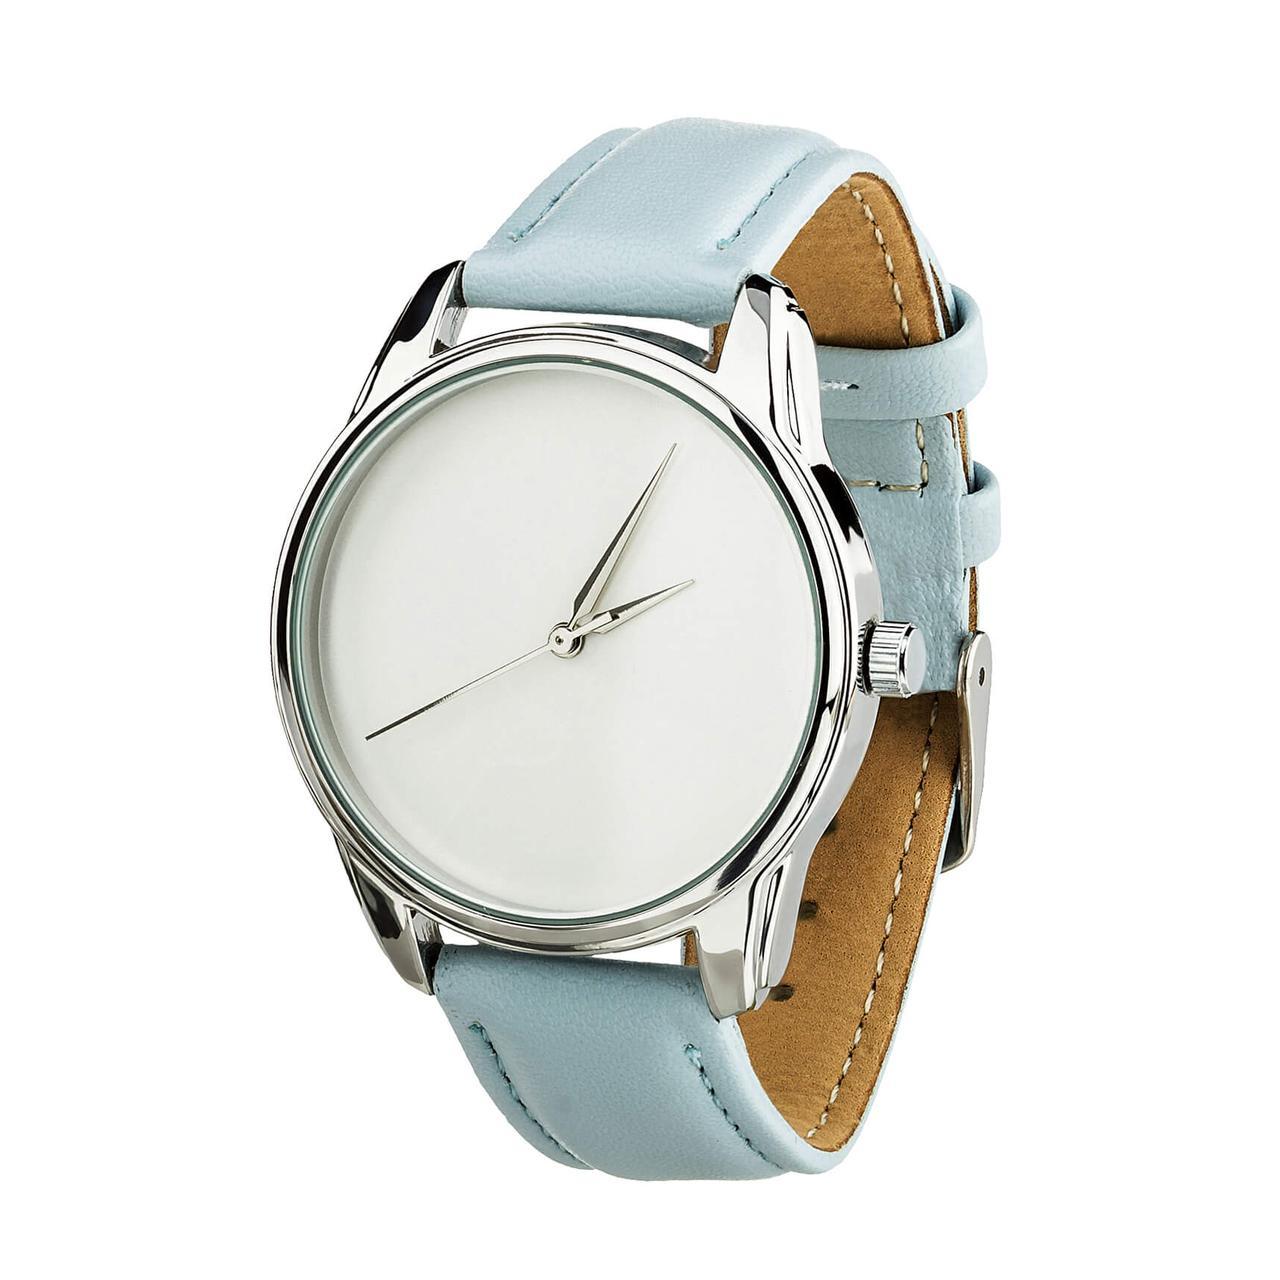 Часы наручные ZIZ Минимализм (ремешок нежно - голубой, серебро) + дополнительный ремешок